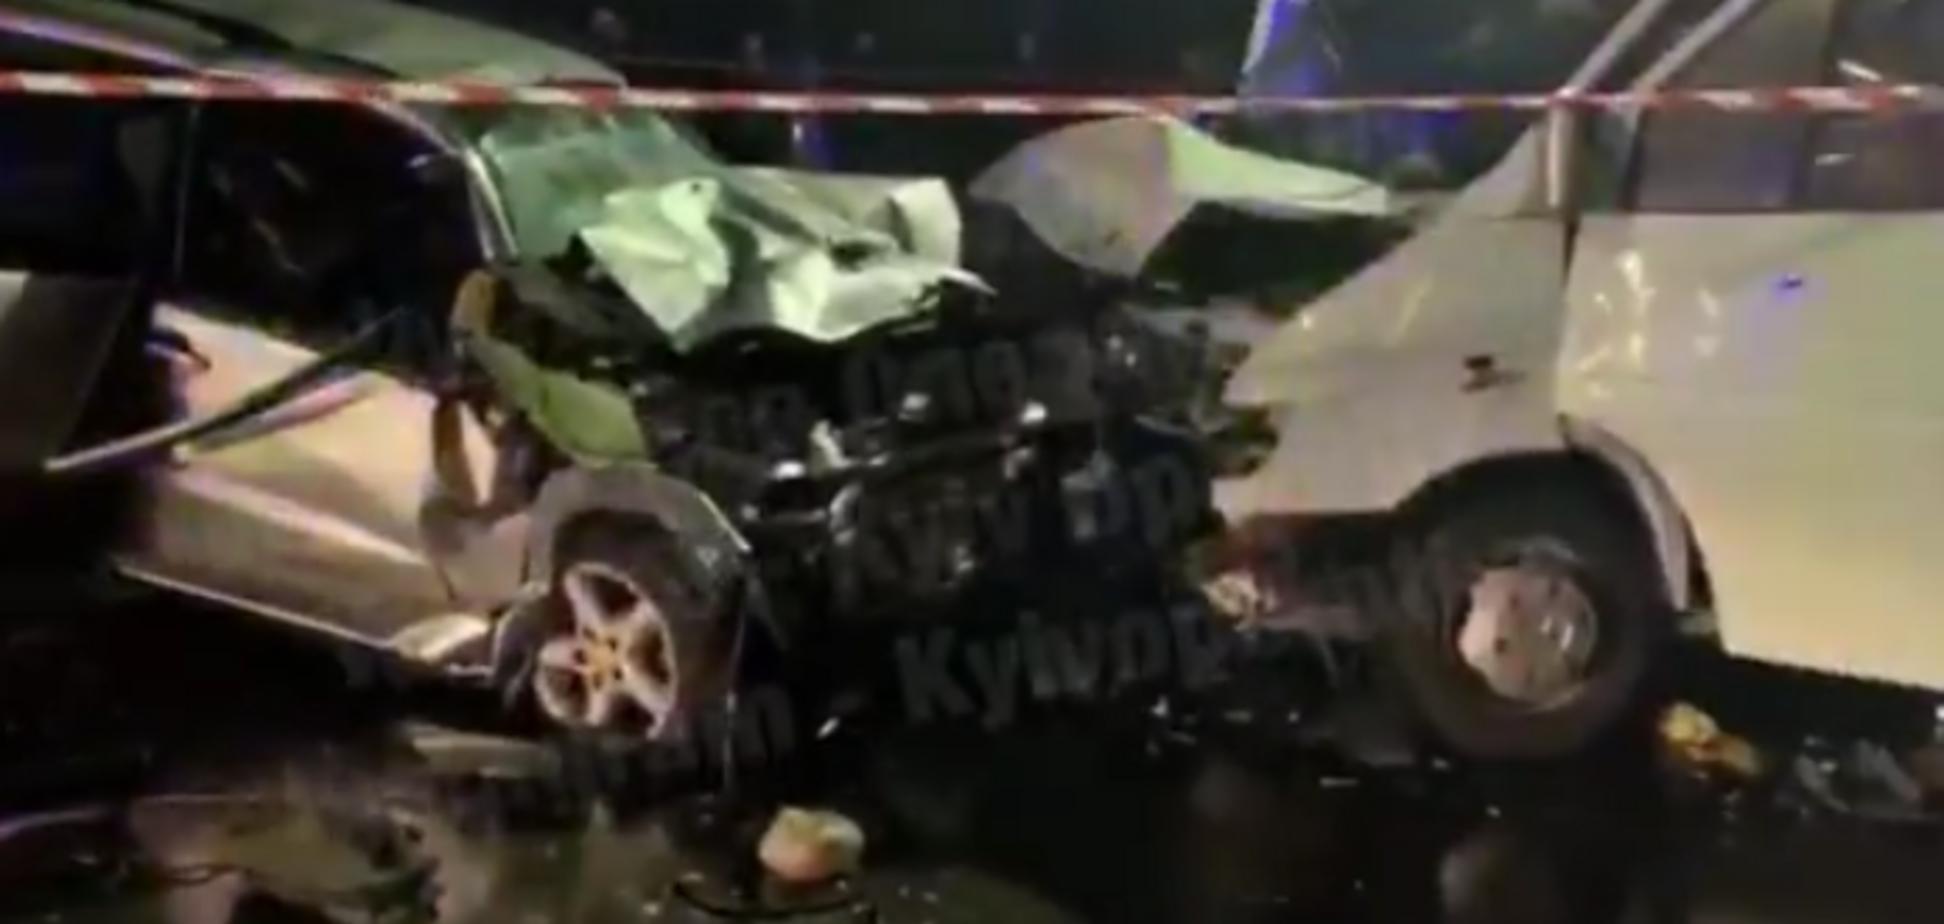 У Києві лоб у лоб зіткнулися мікроавтобус і позашляховик: дві жертви, майже десять поранених. Фото й відео